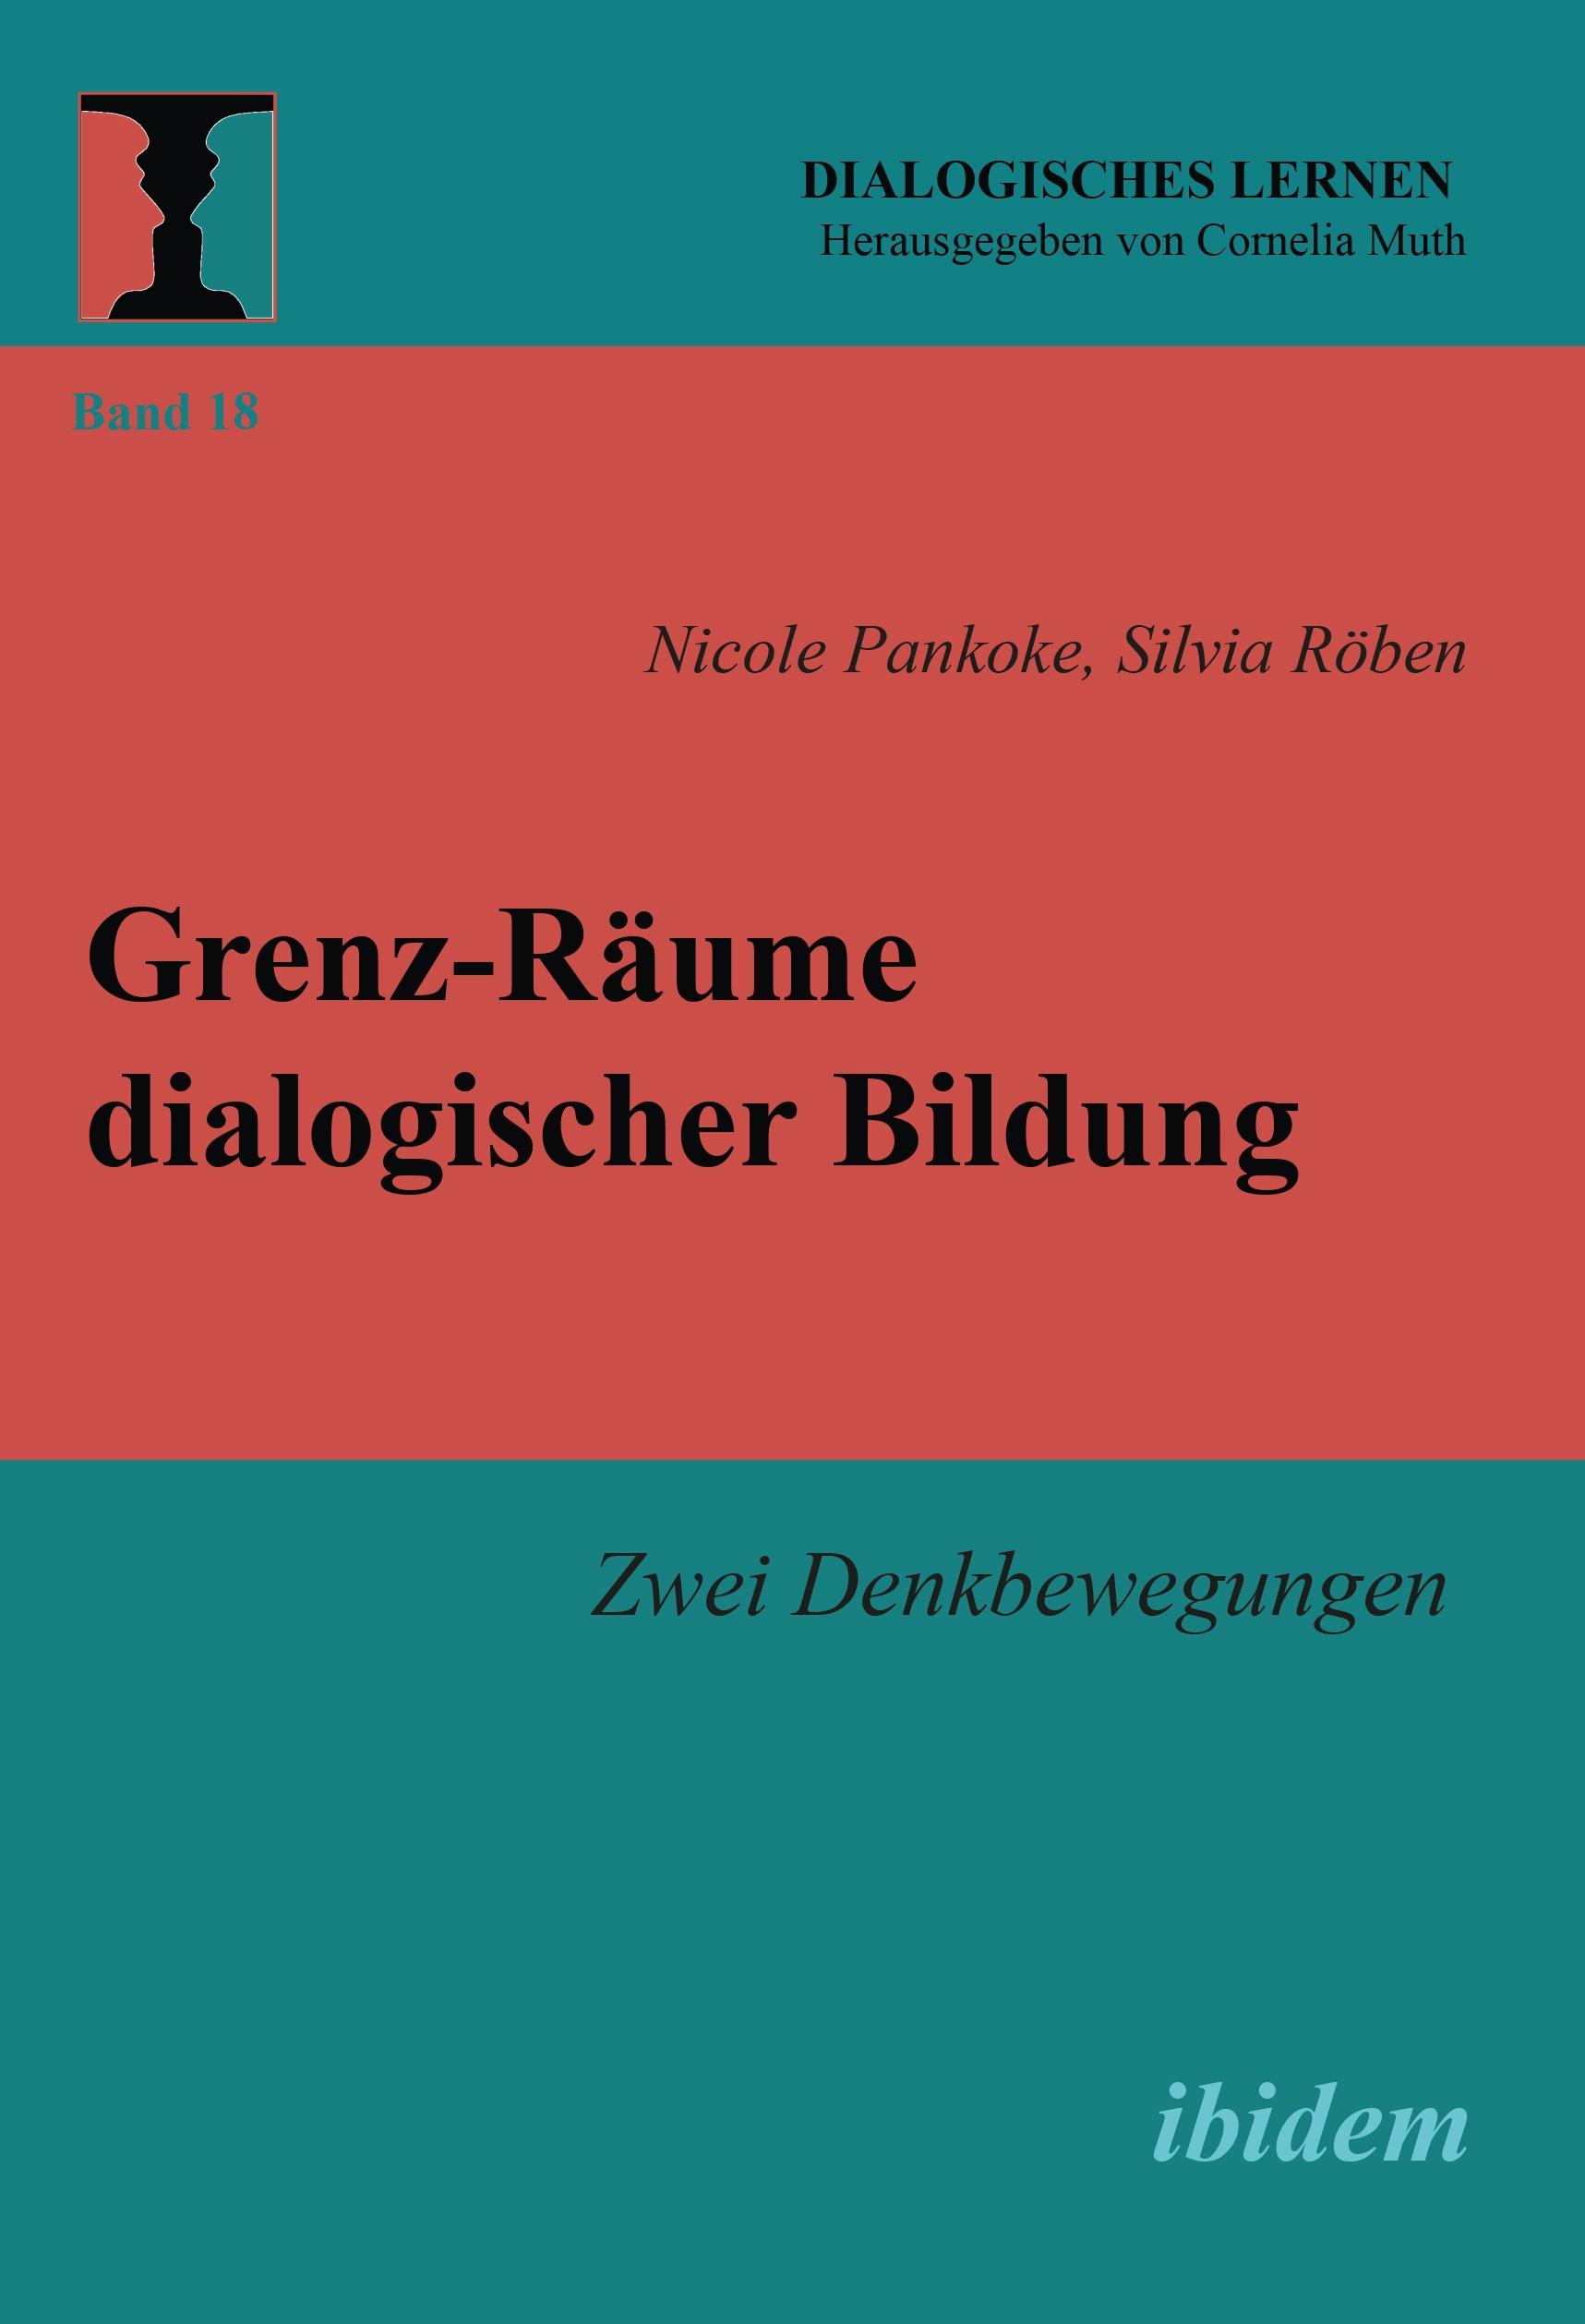 Grenz-Räume dialogischer Bildung